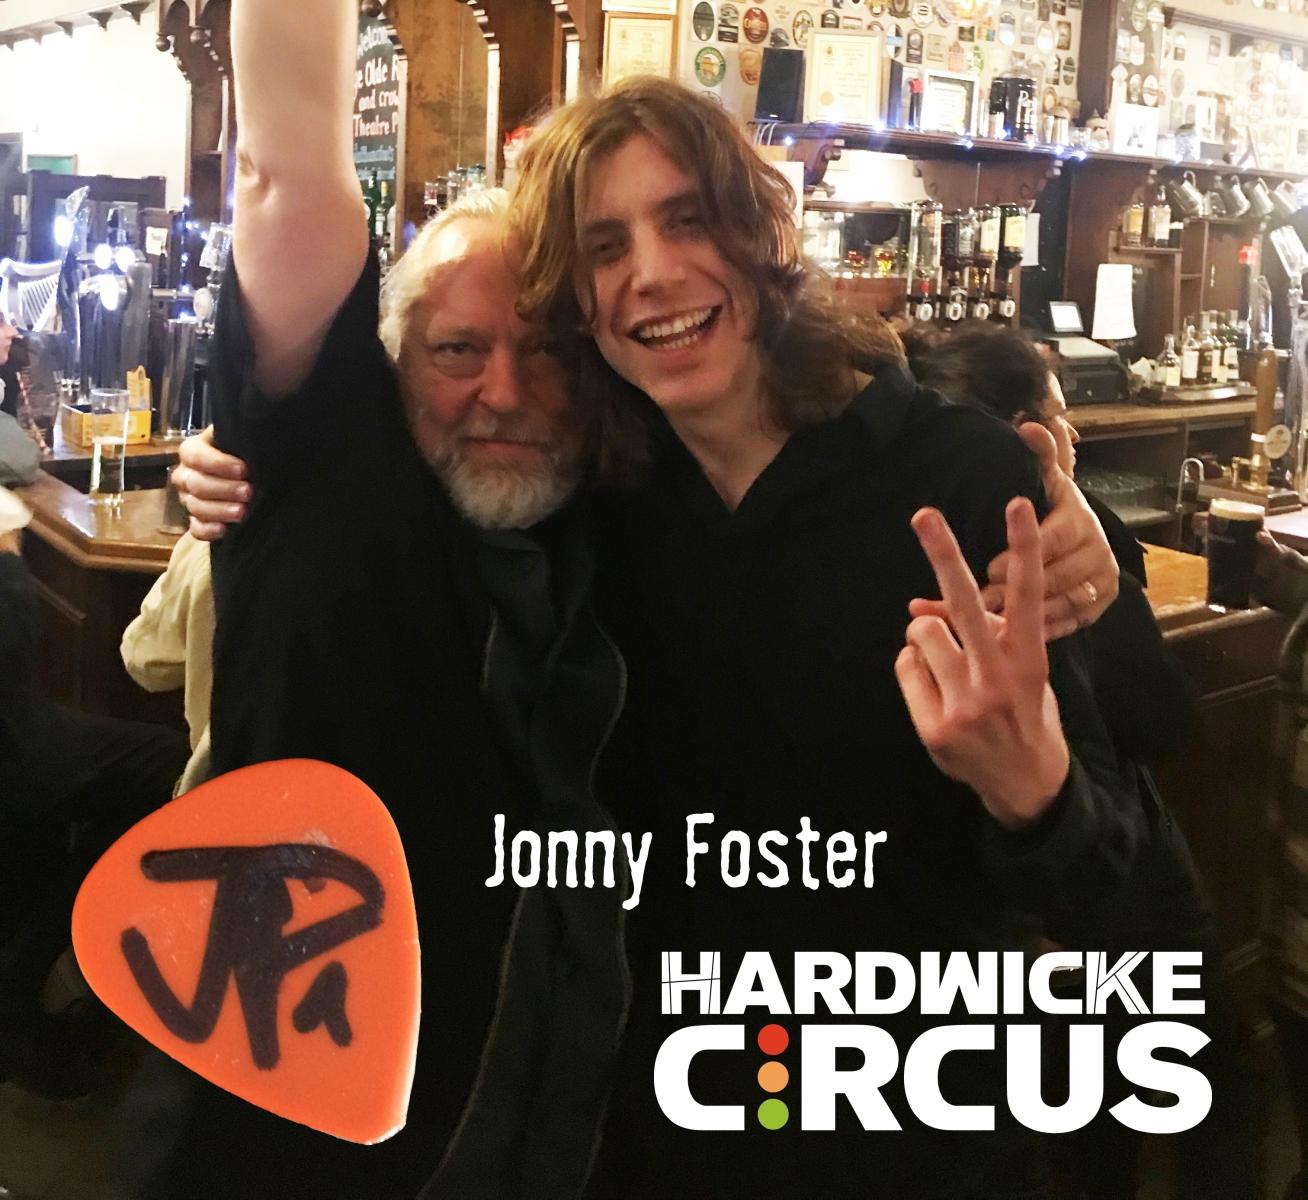 JonnyFoster